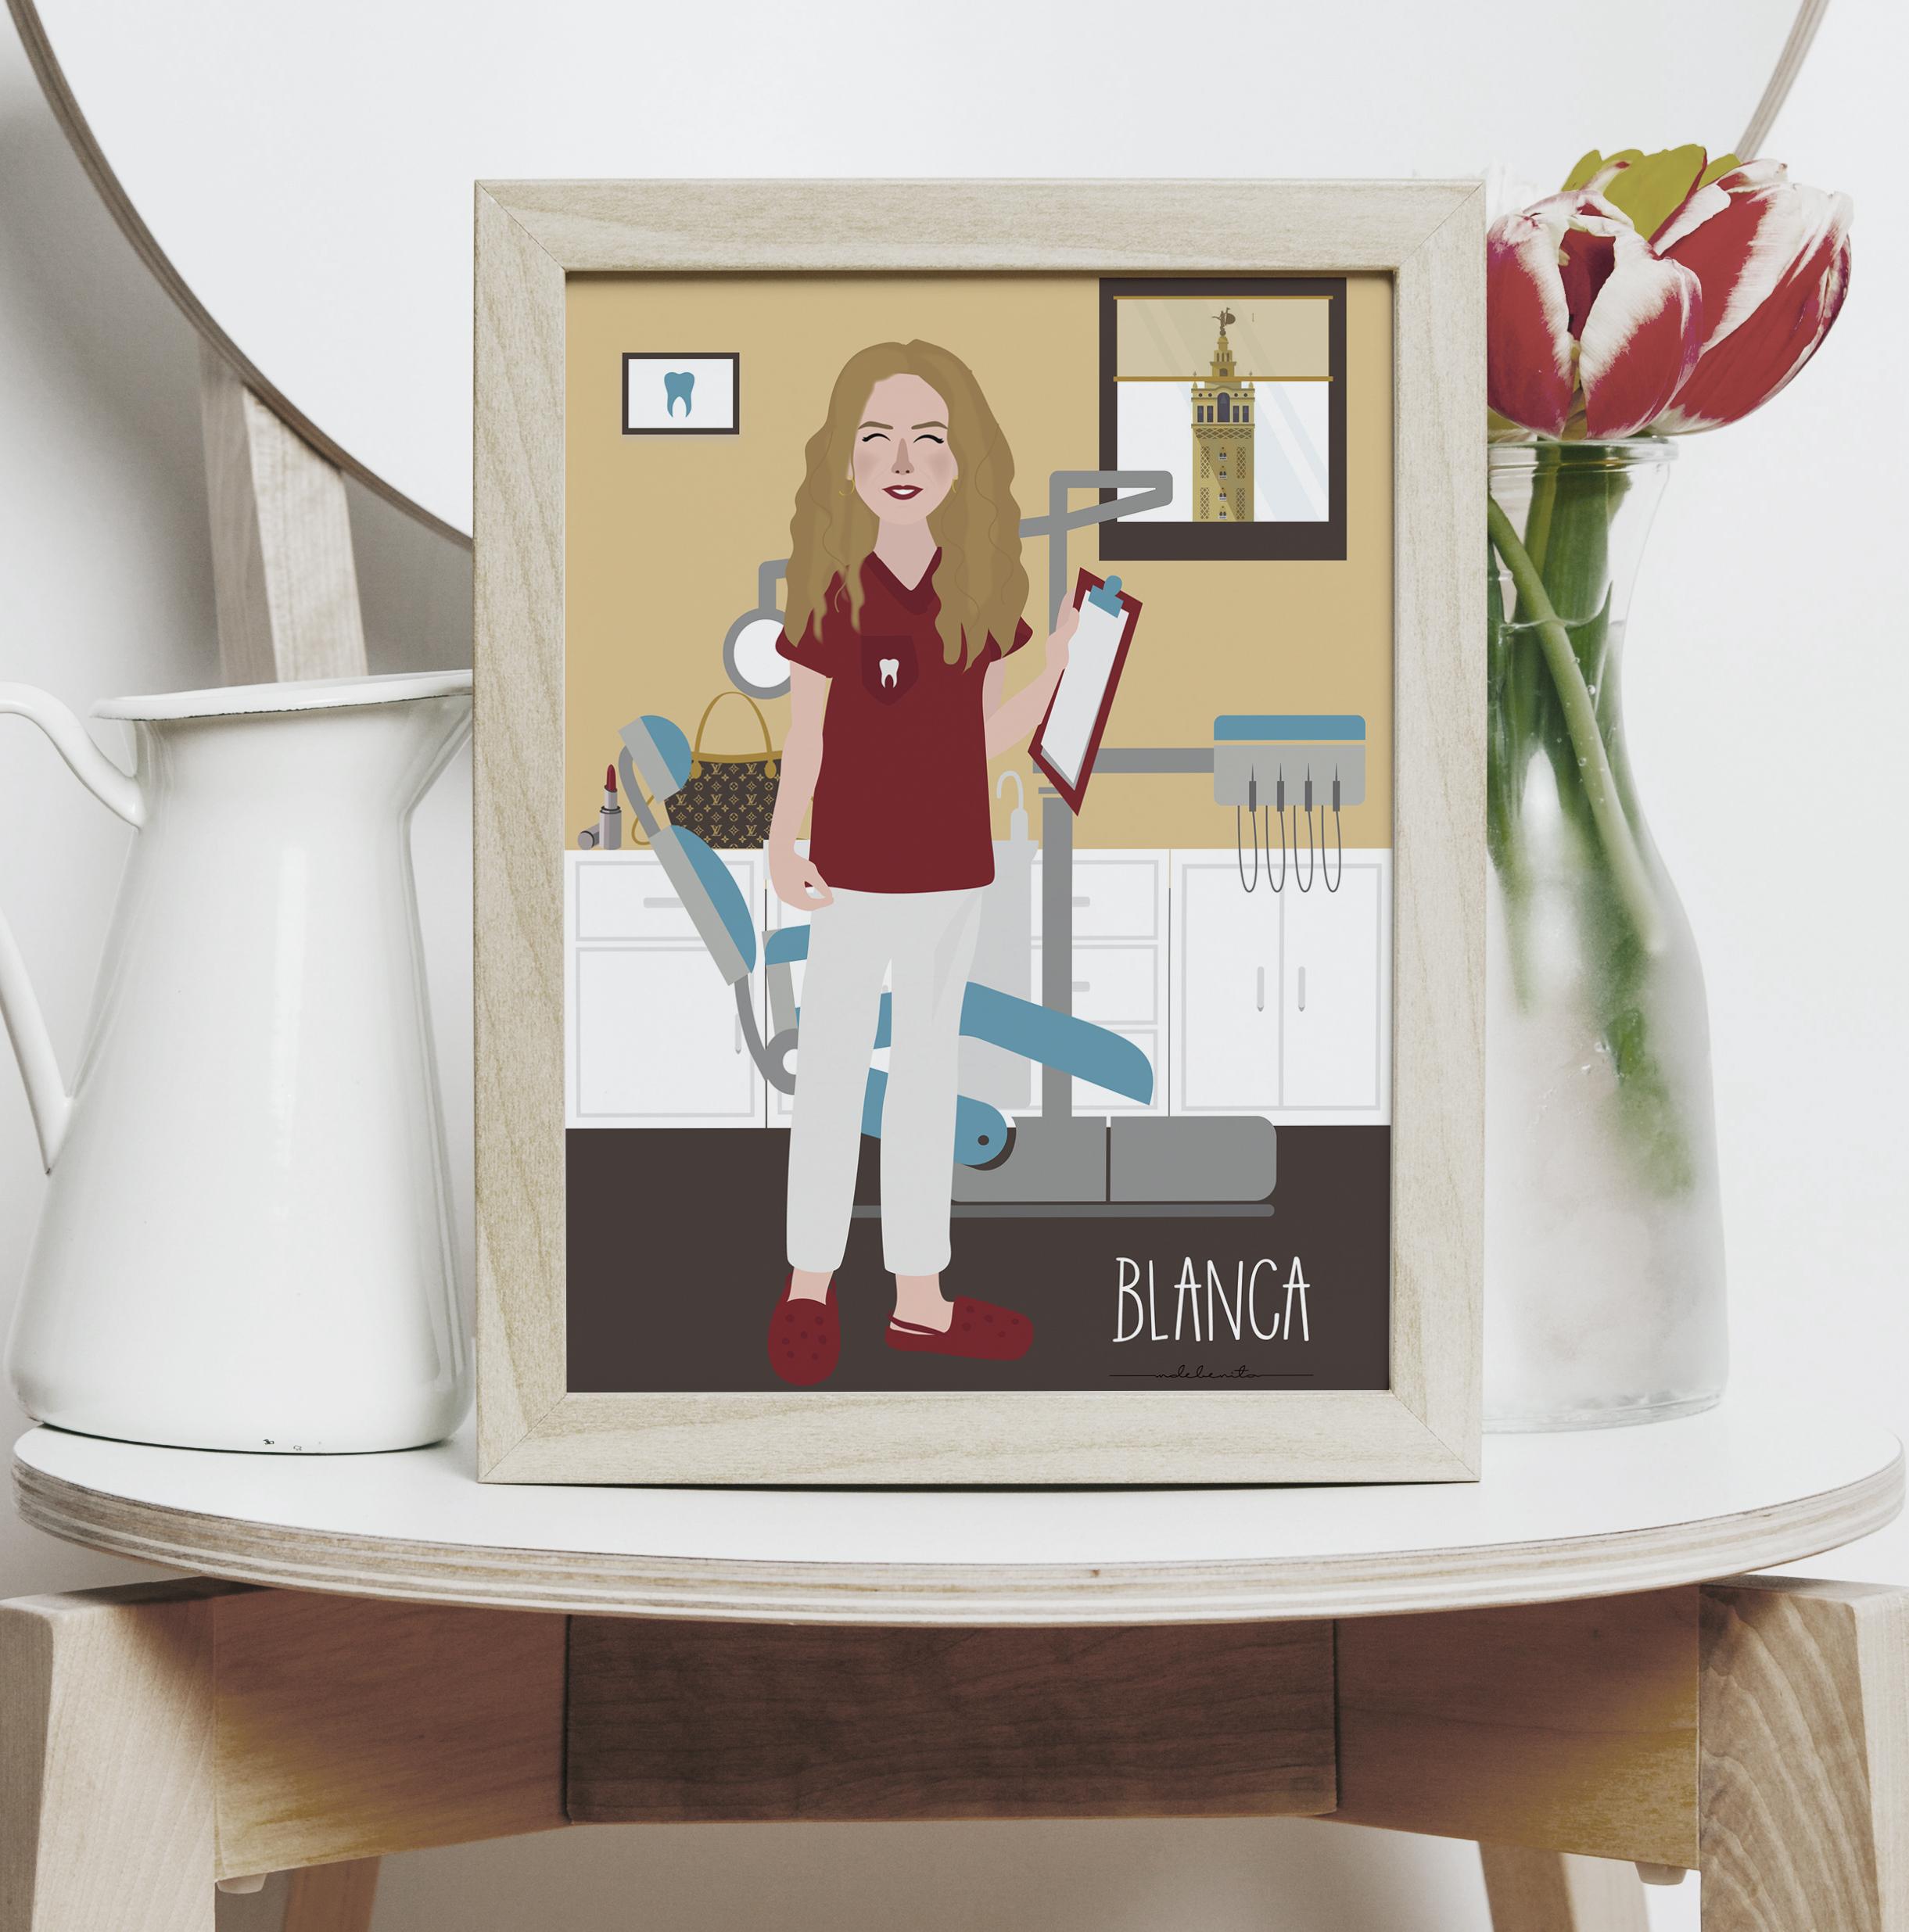 ilustracion-personalizada-mdebenito-diseño-grafico-asturias-retrato-regalo-orignial-personalizado.jpg